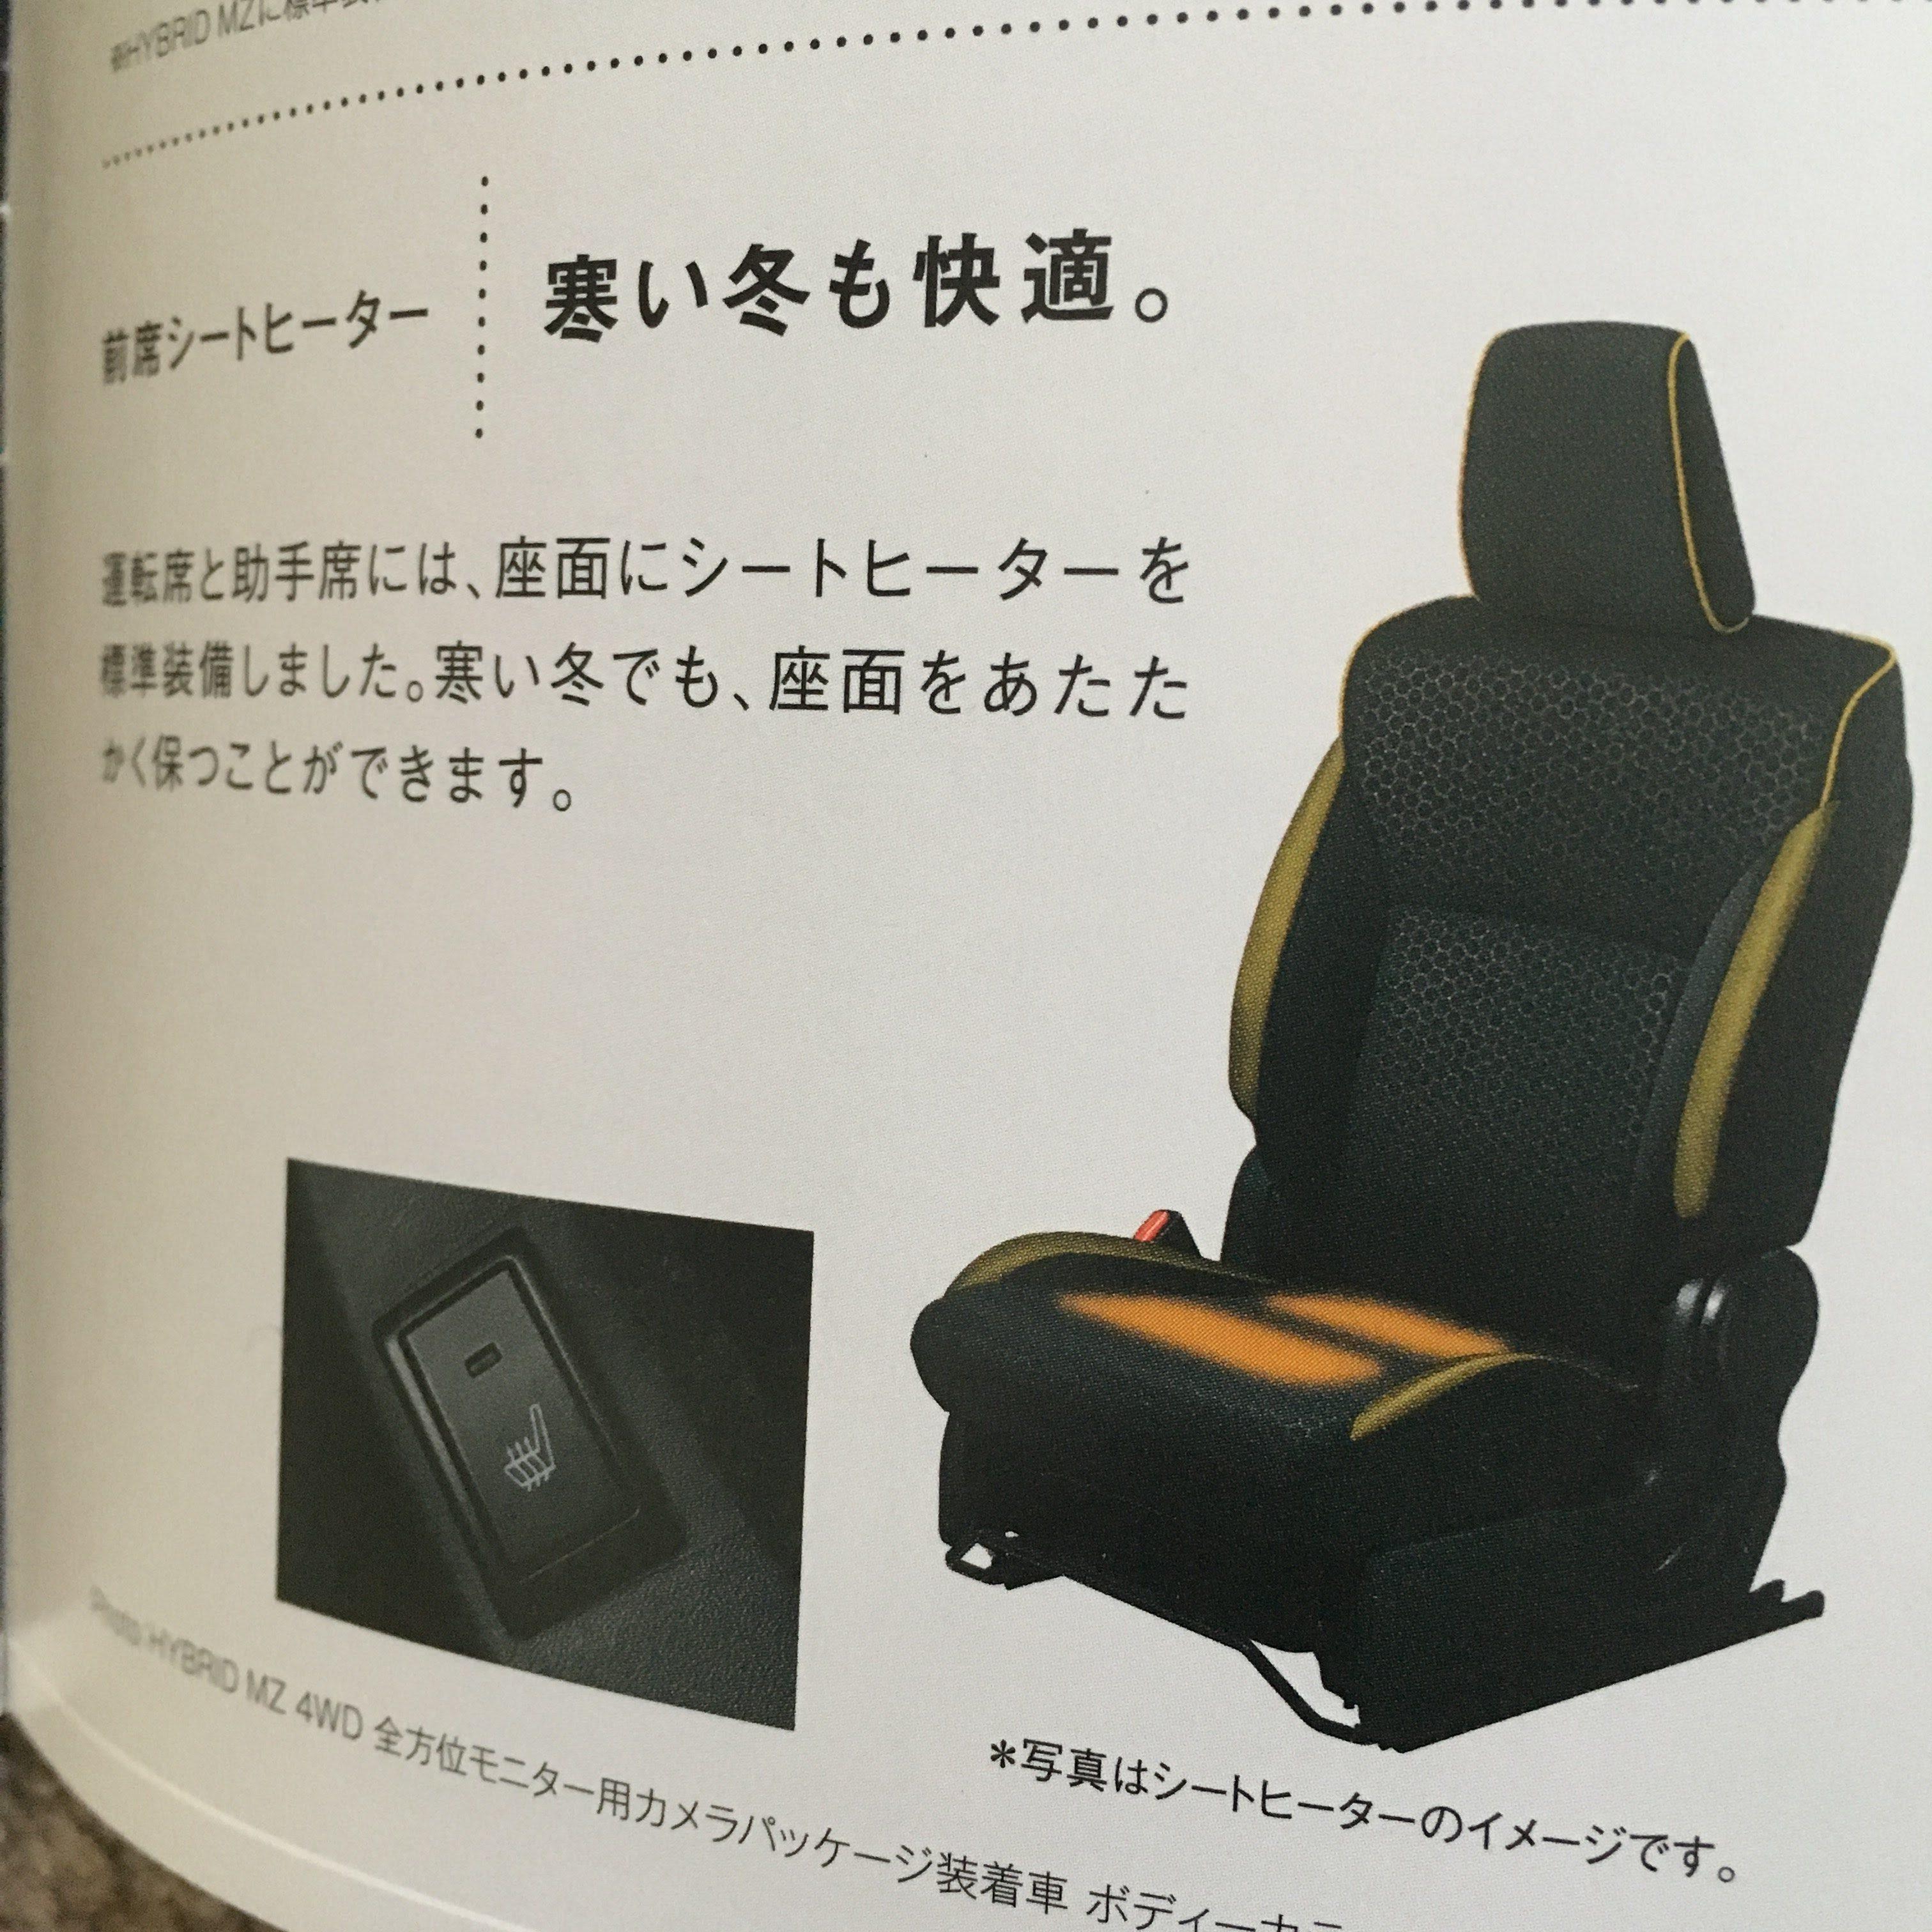 クロスビー(XBEE)のシートヒーター機能